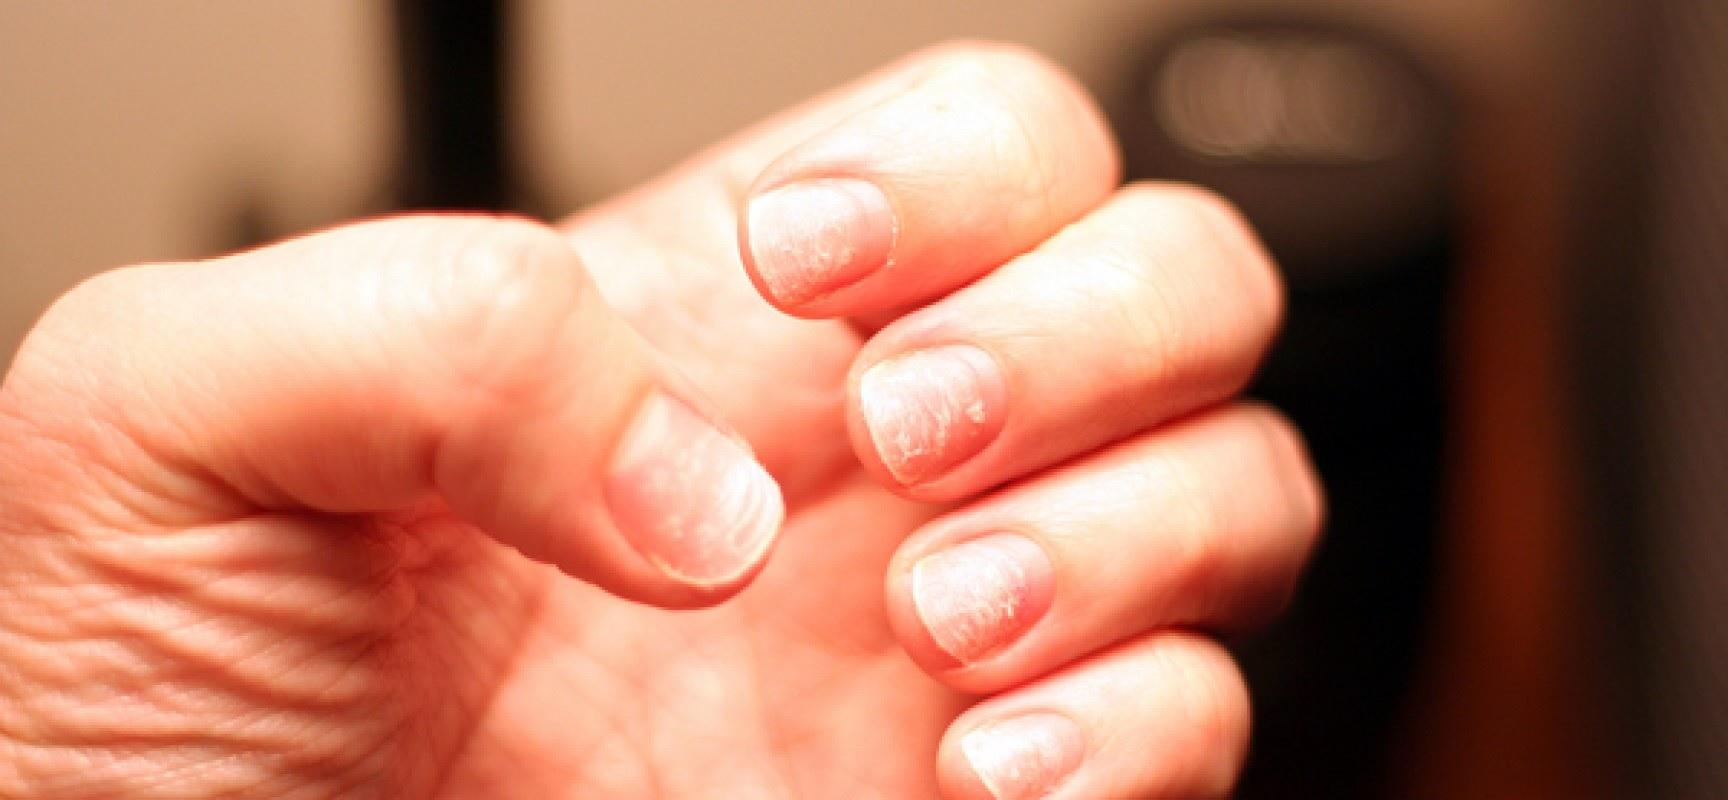 Как вылечить псориаз ногтей в домашних условиях?